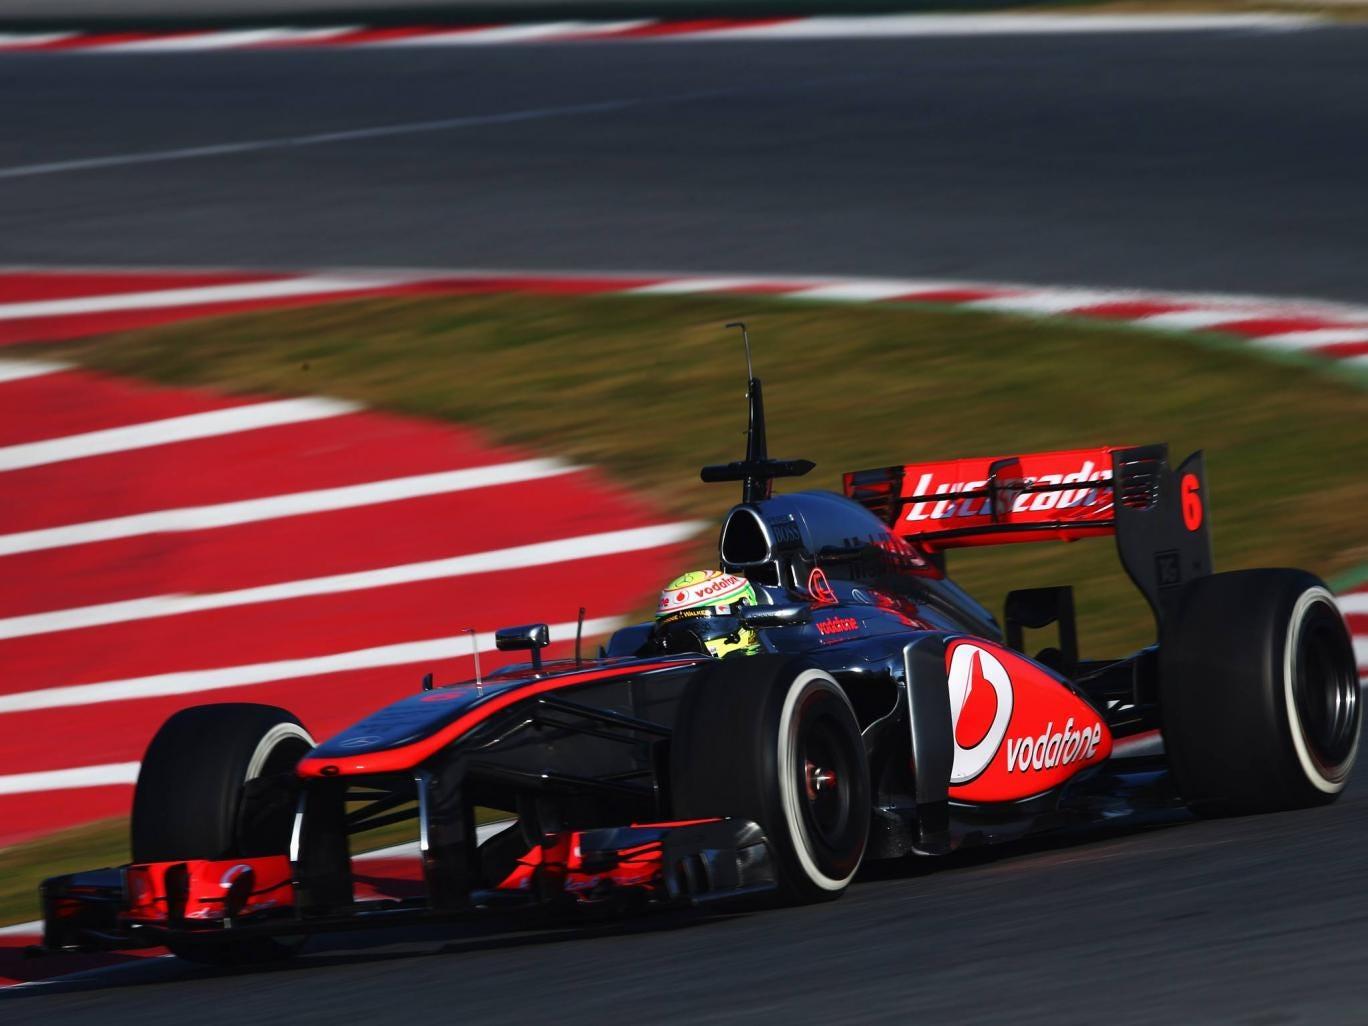 Sergio Perez of McLaren